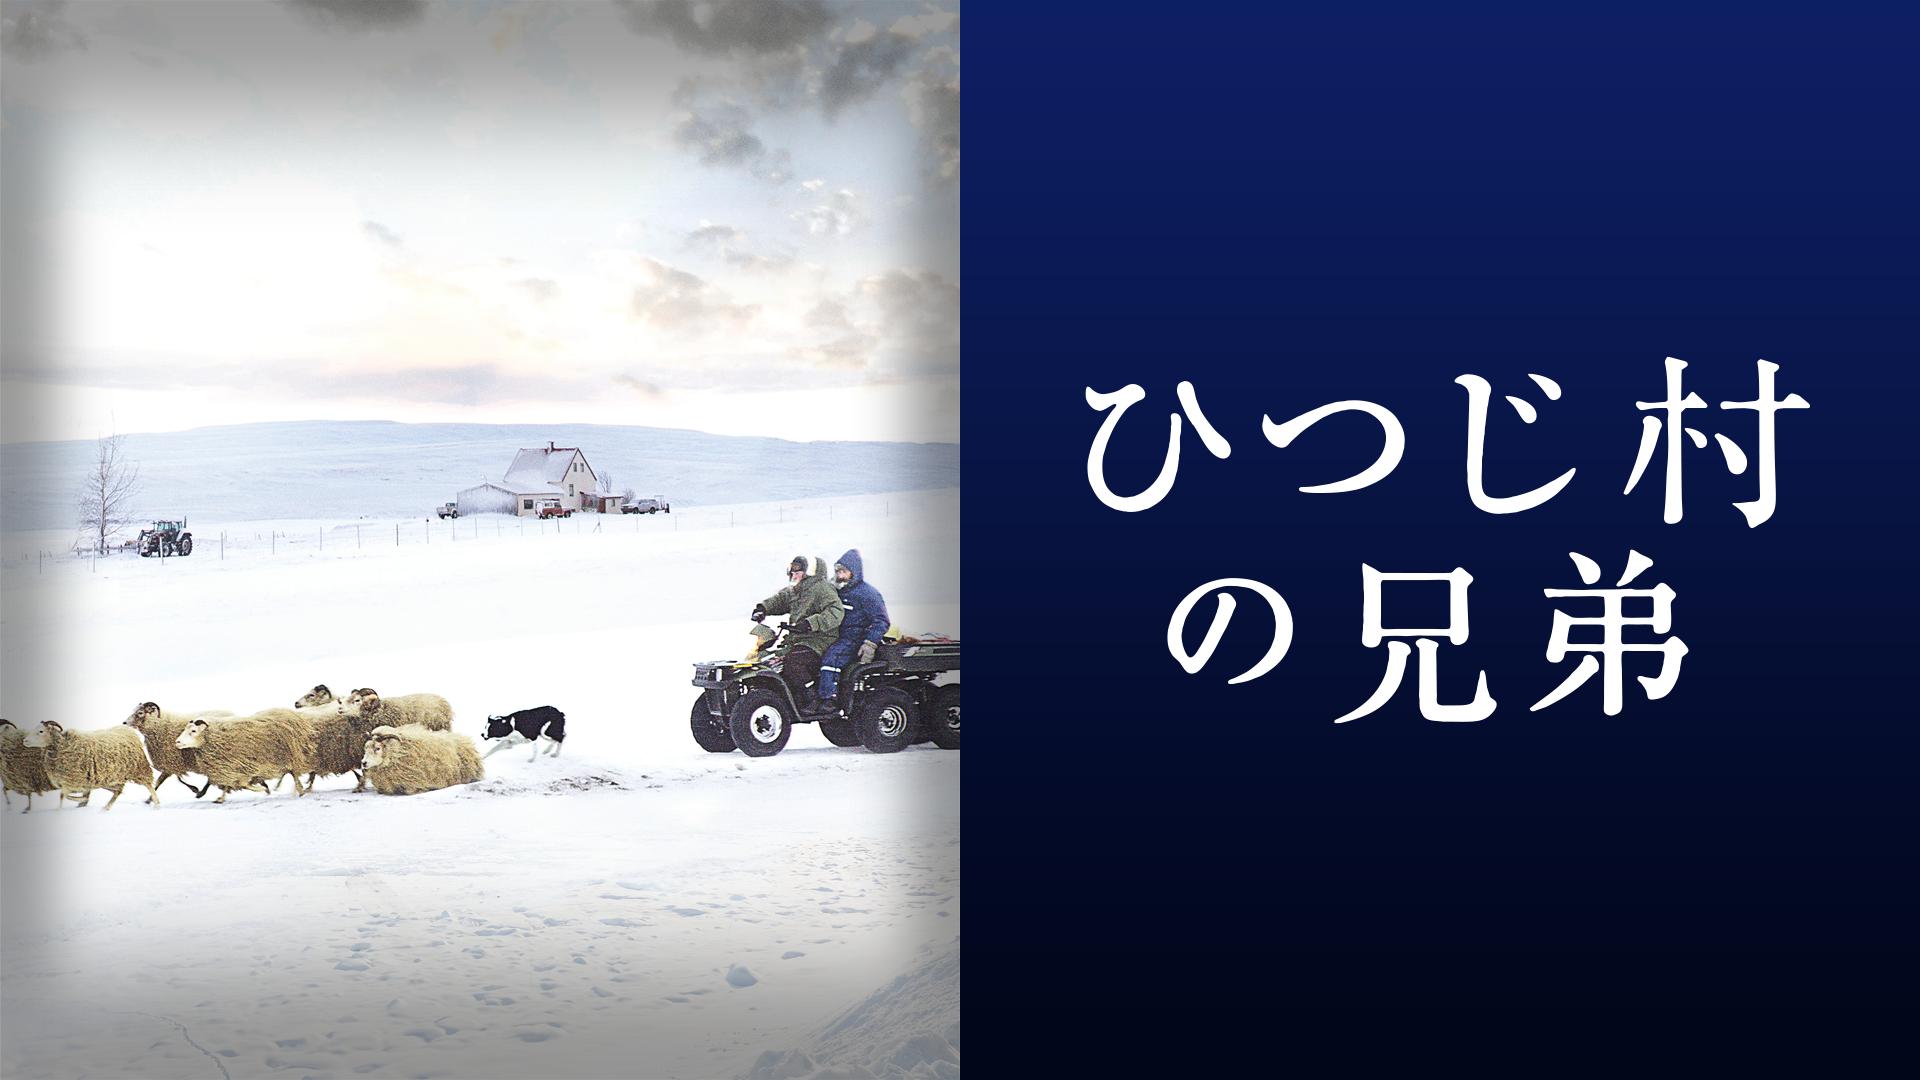 ひつじ村の兄弟(字幕版)